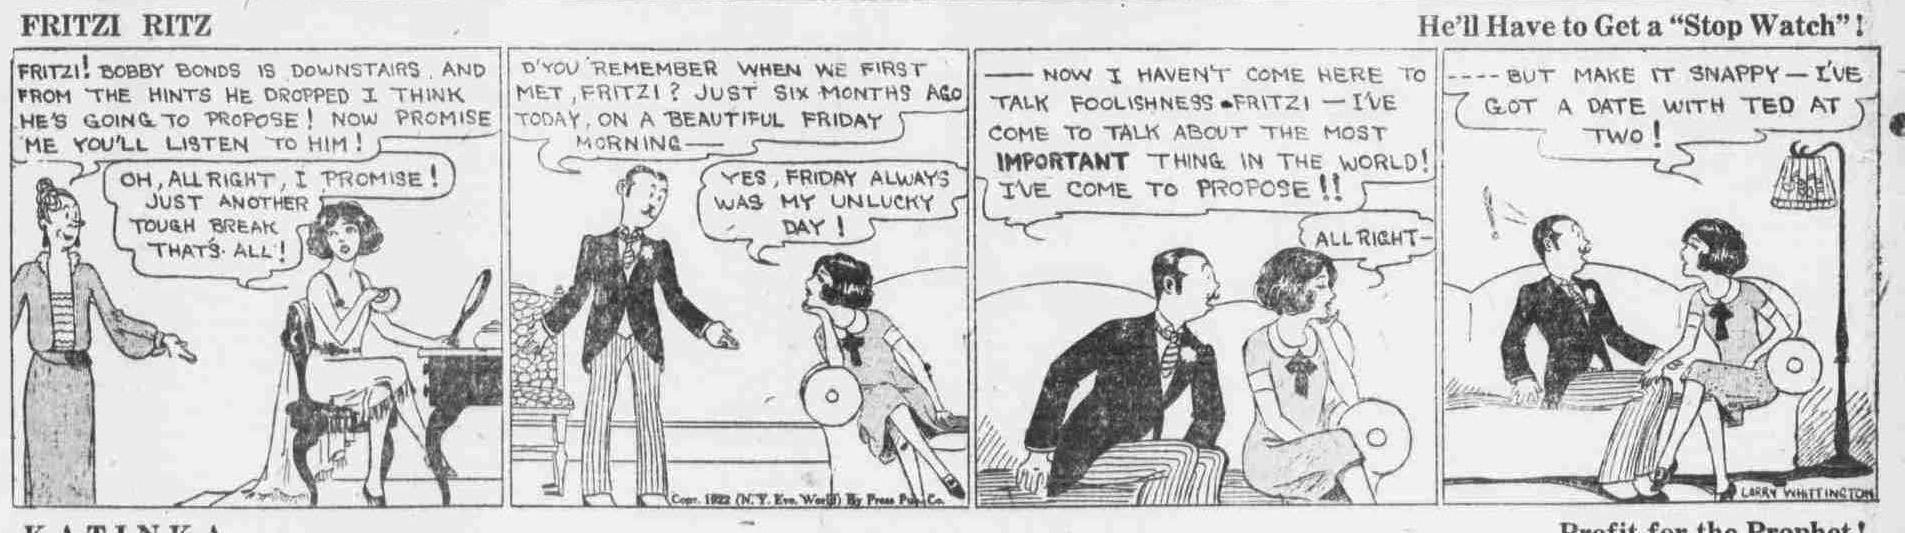 Oct. 27, 1922